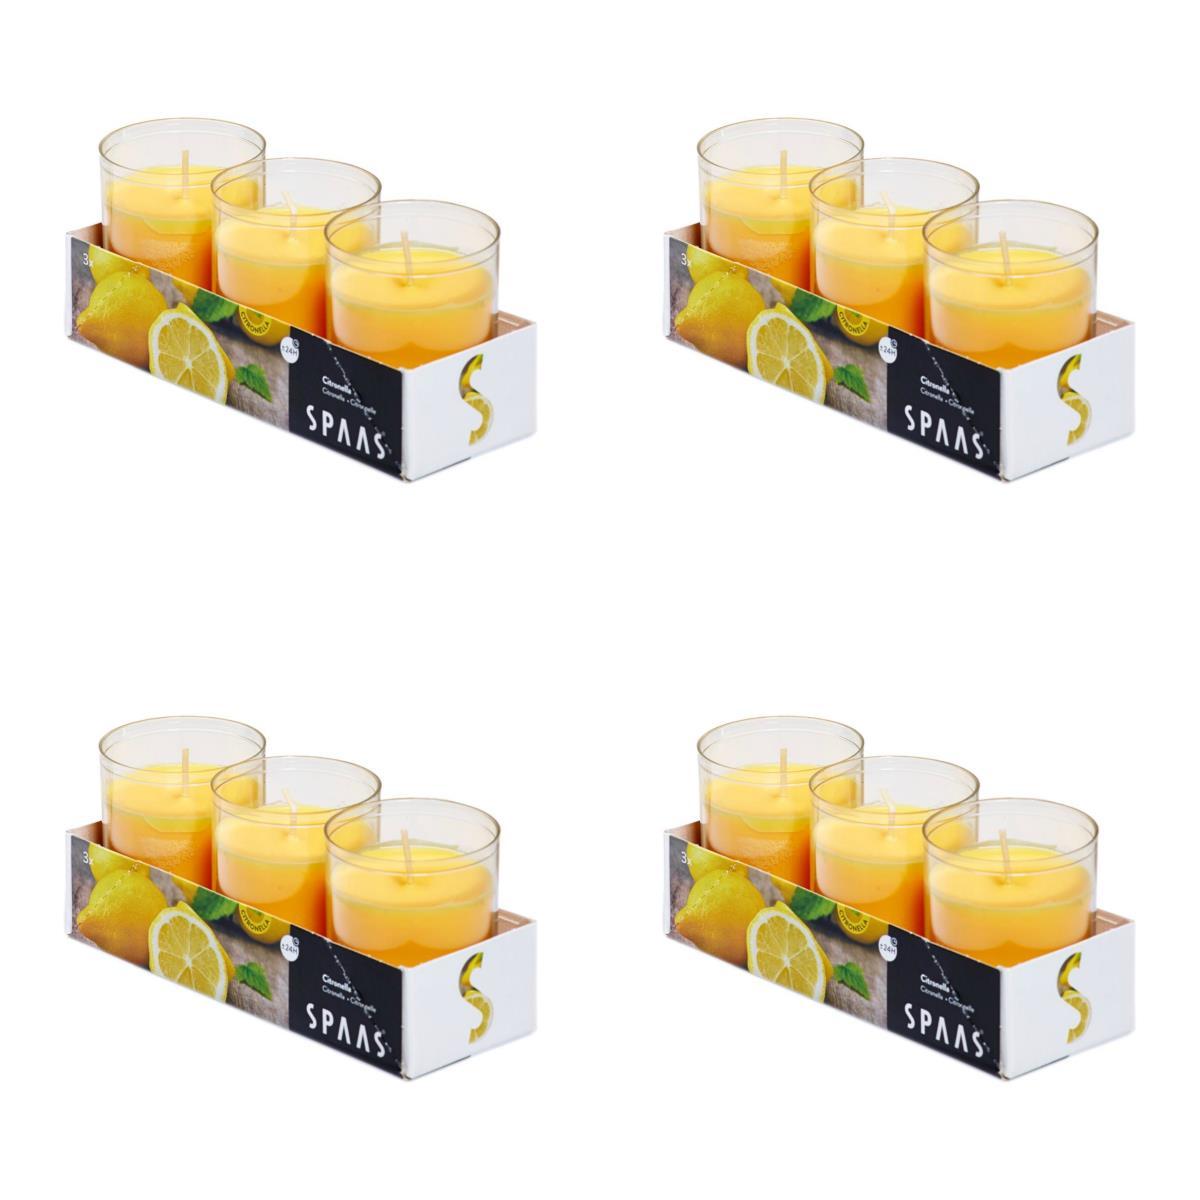 4 x Citronella Duftlichter Anti Mücken Kerzen Teelichter Outdoor Mückenabwehr ,Spaas,000051332867, 0676424768927